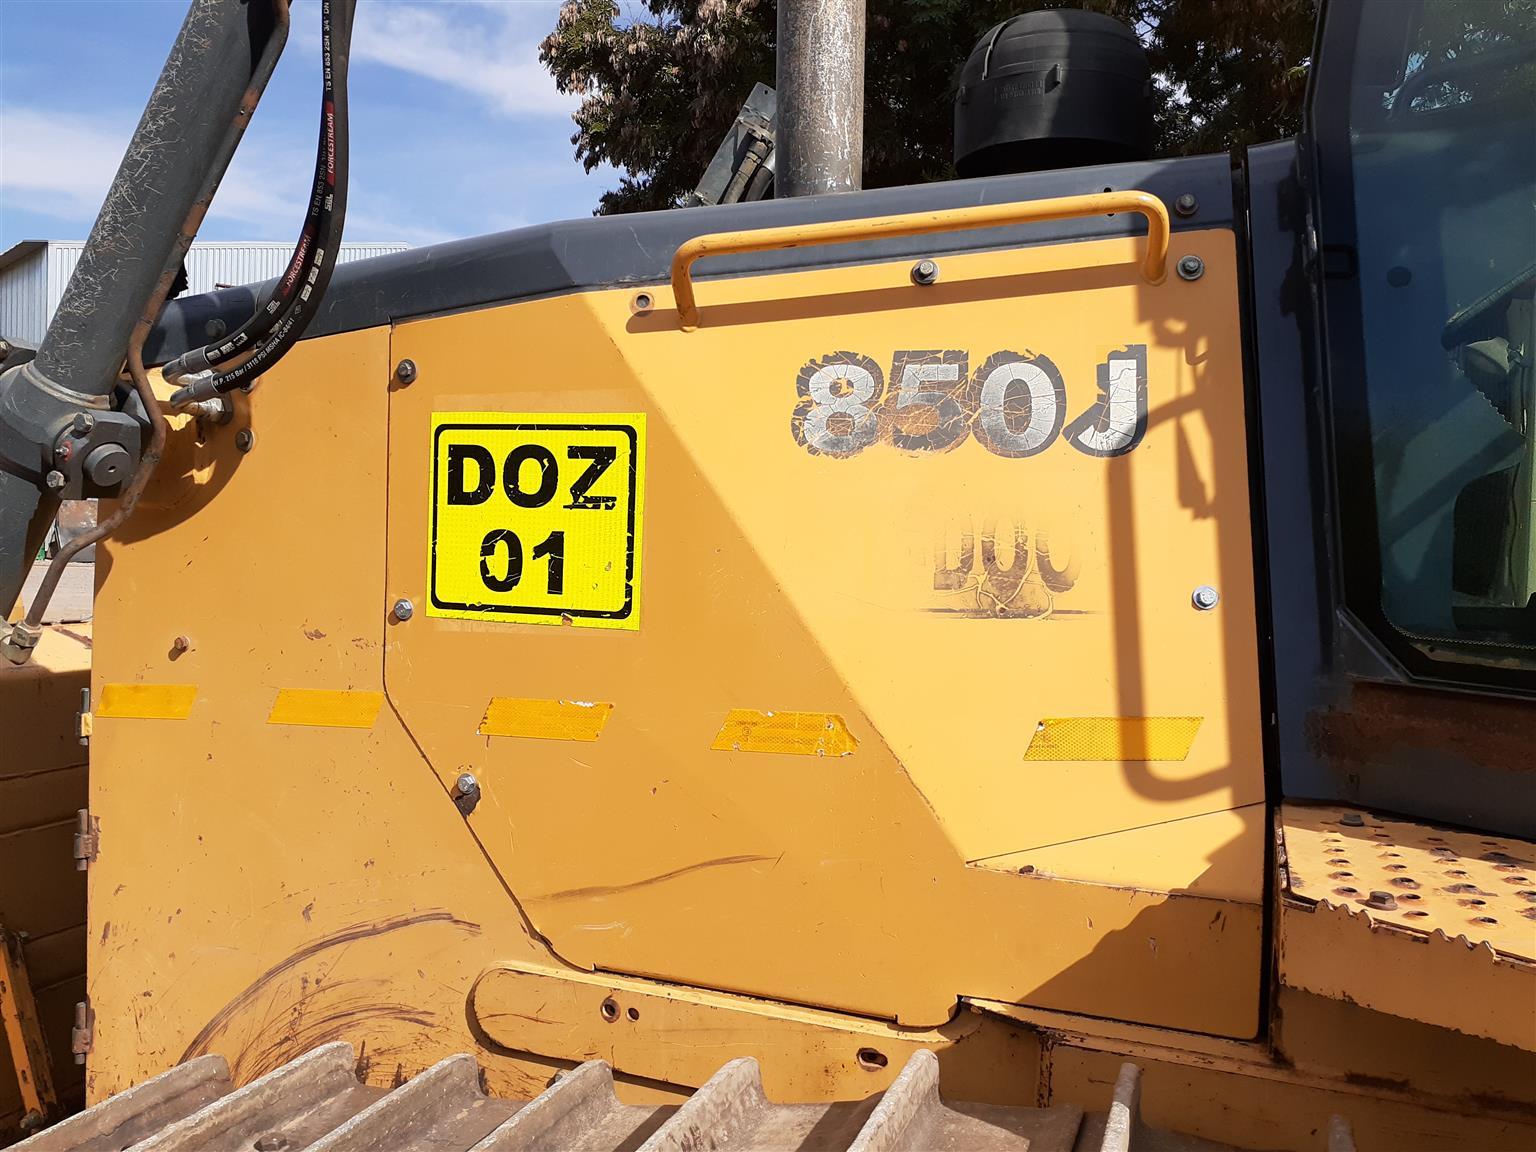 BELL DOZER 850J FOR SALE